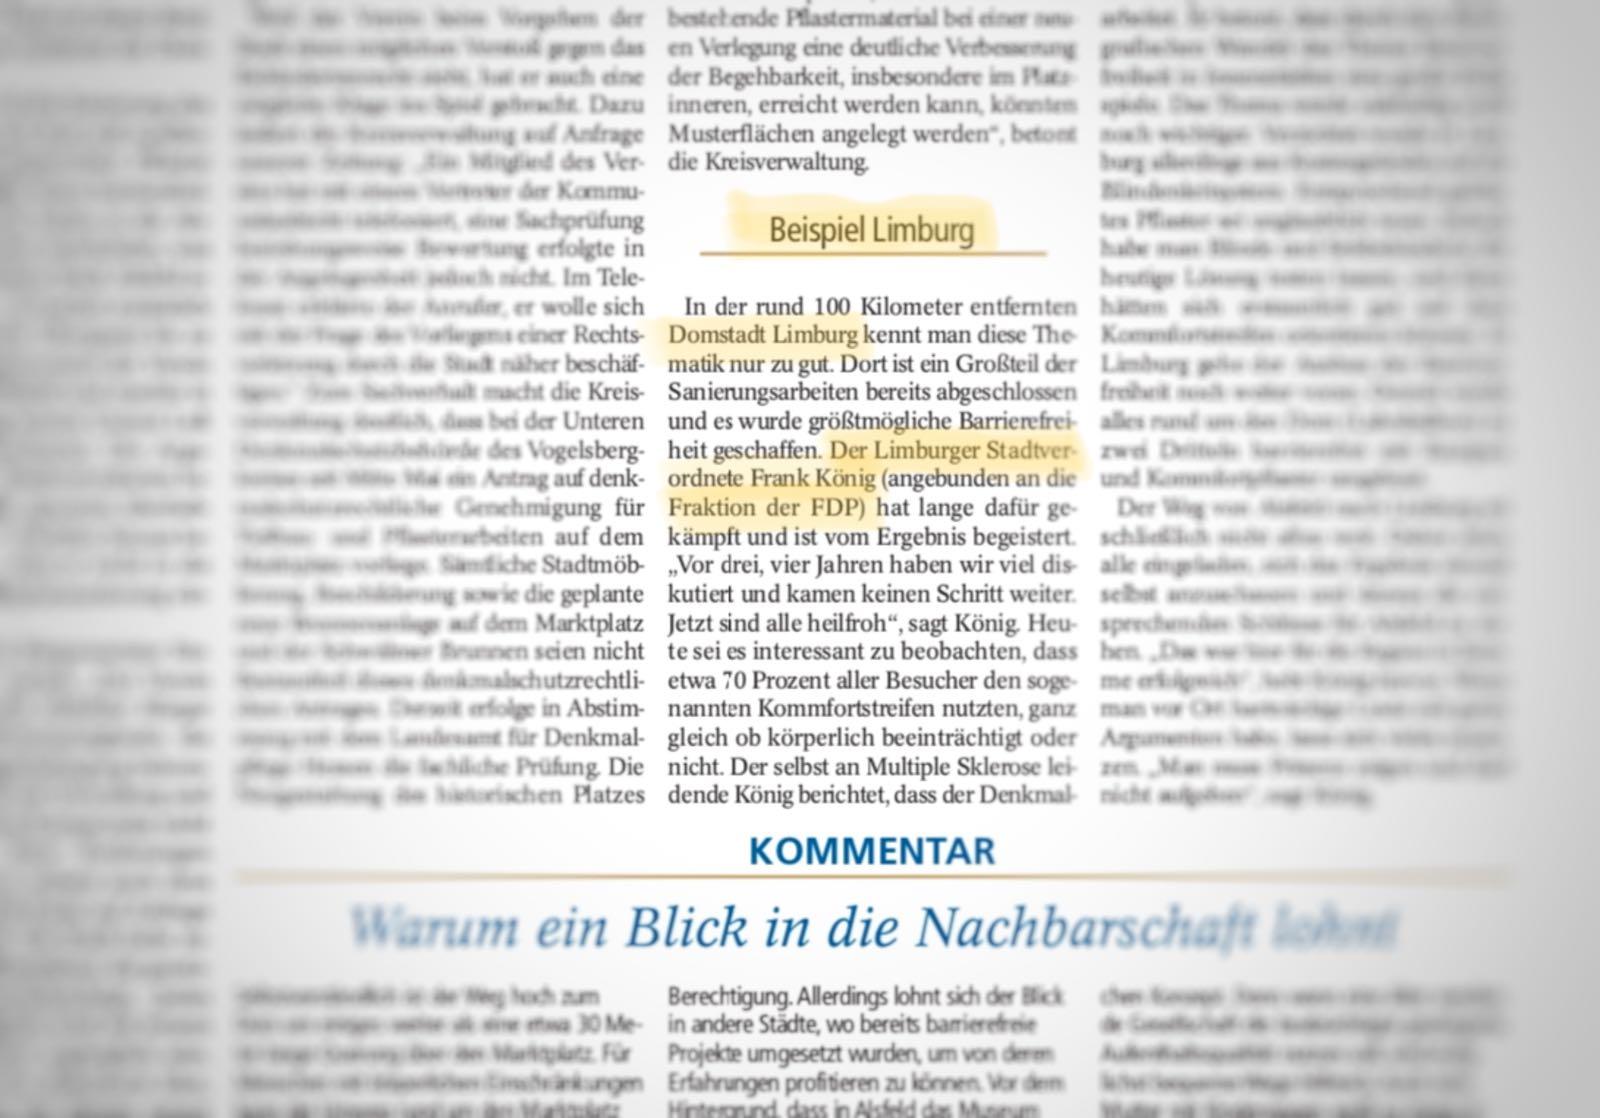 Textauszug: Verlagsgesellschaft Vogelsberg